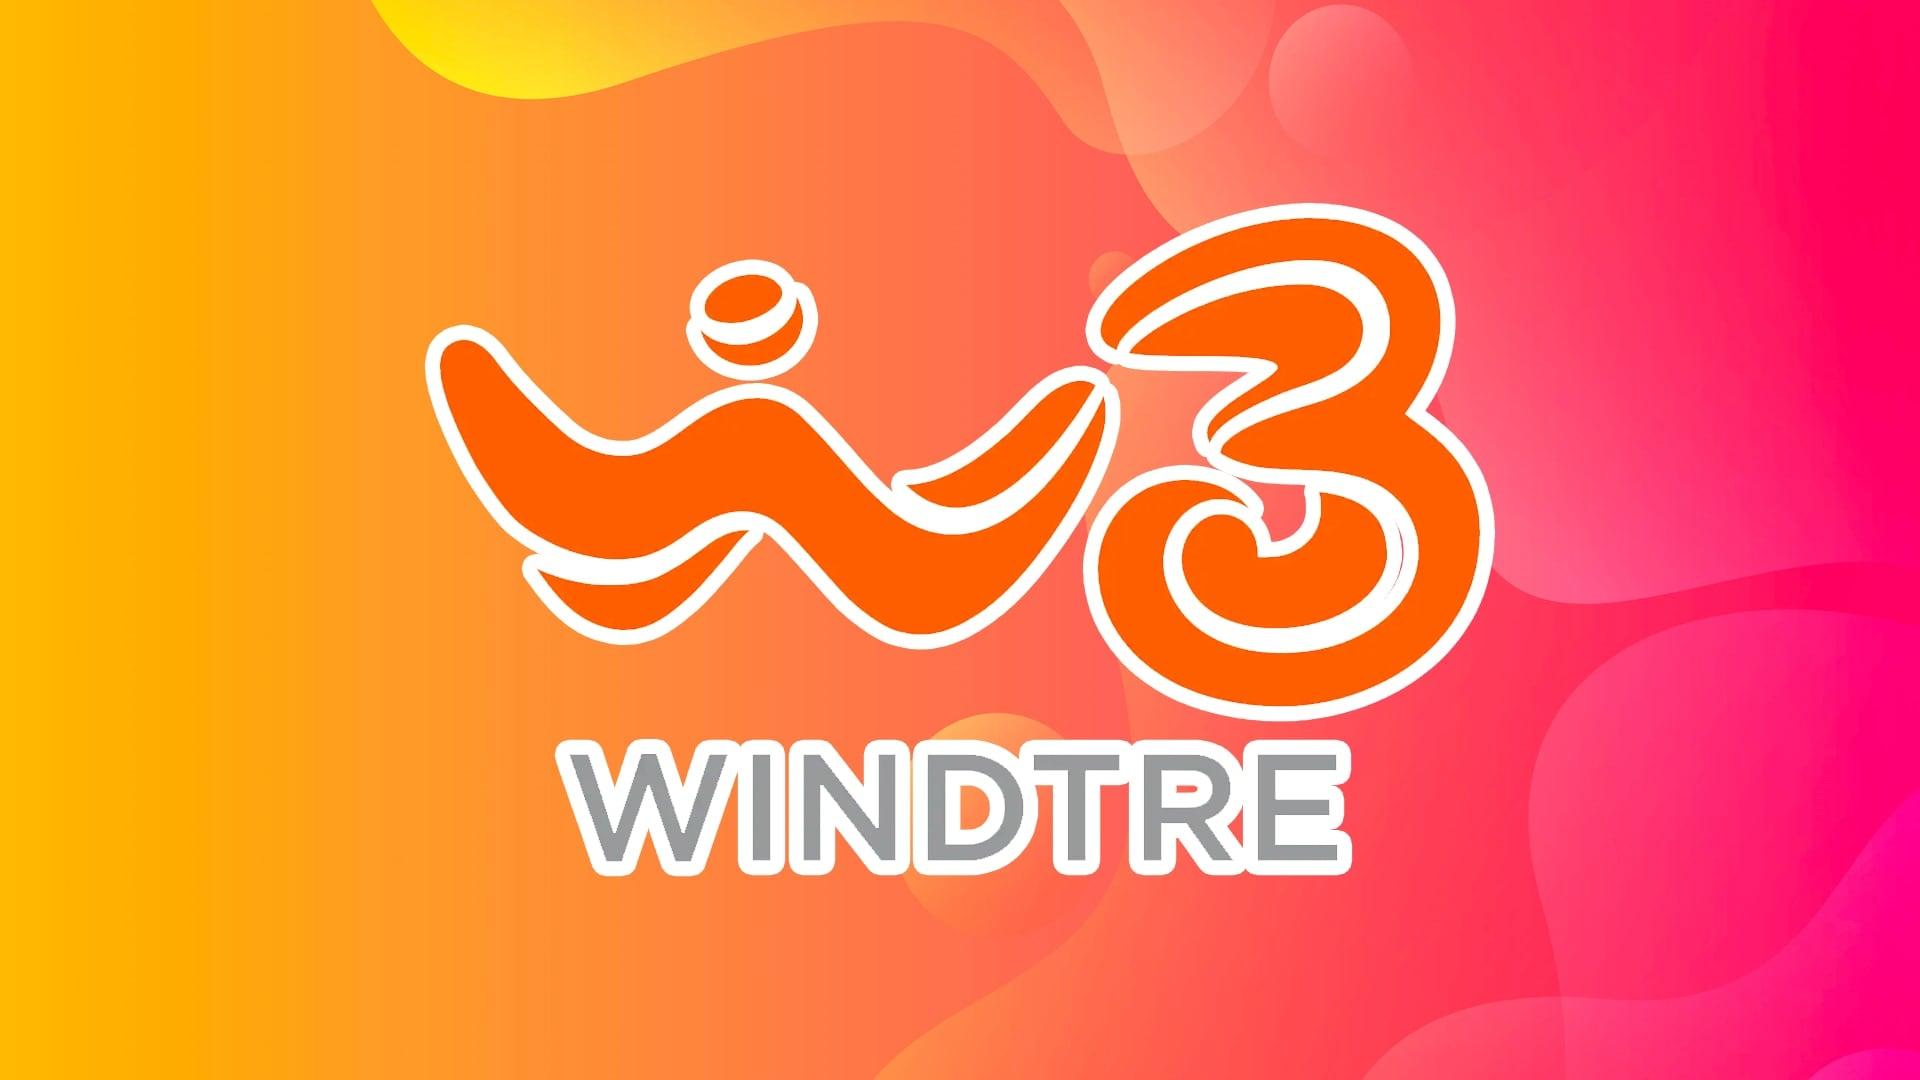 WindTre include Amazon Prime gratis per un anno con le nuove attivazioni di rete fissa, anche Mia Super Fibra